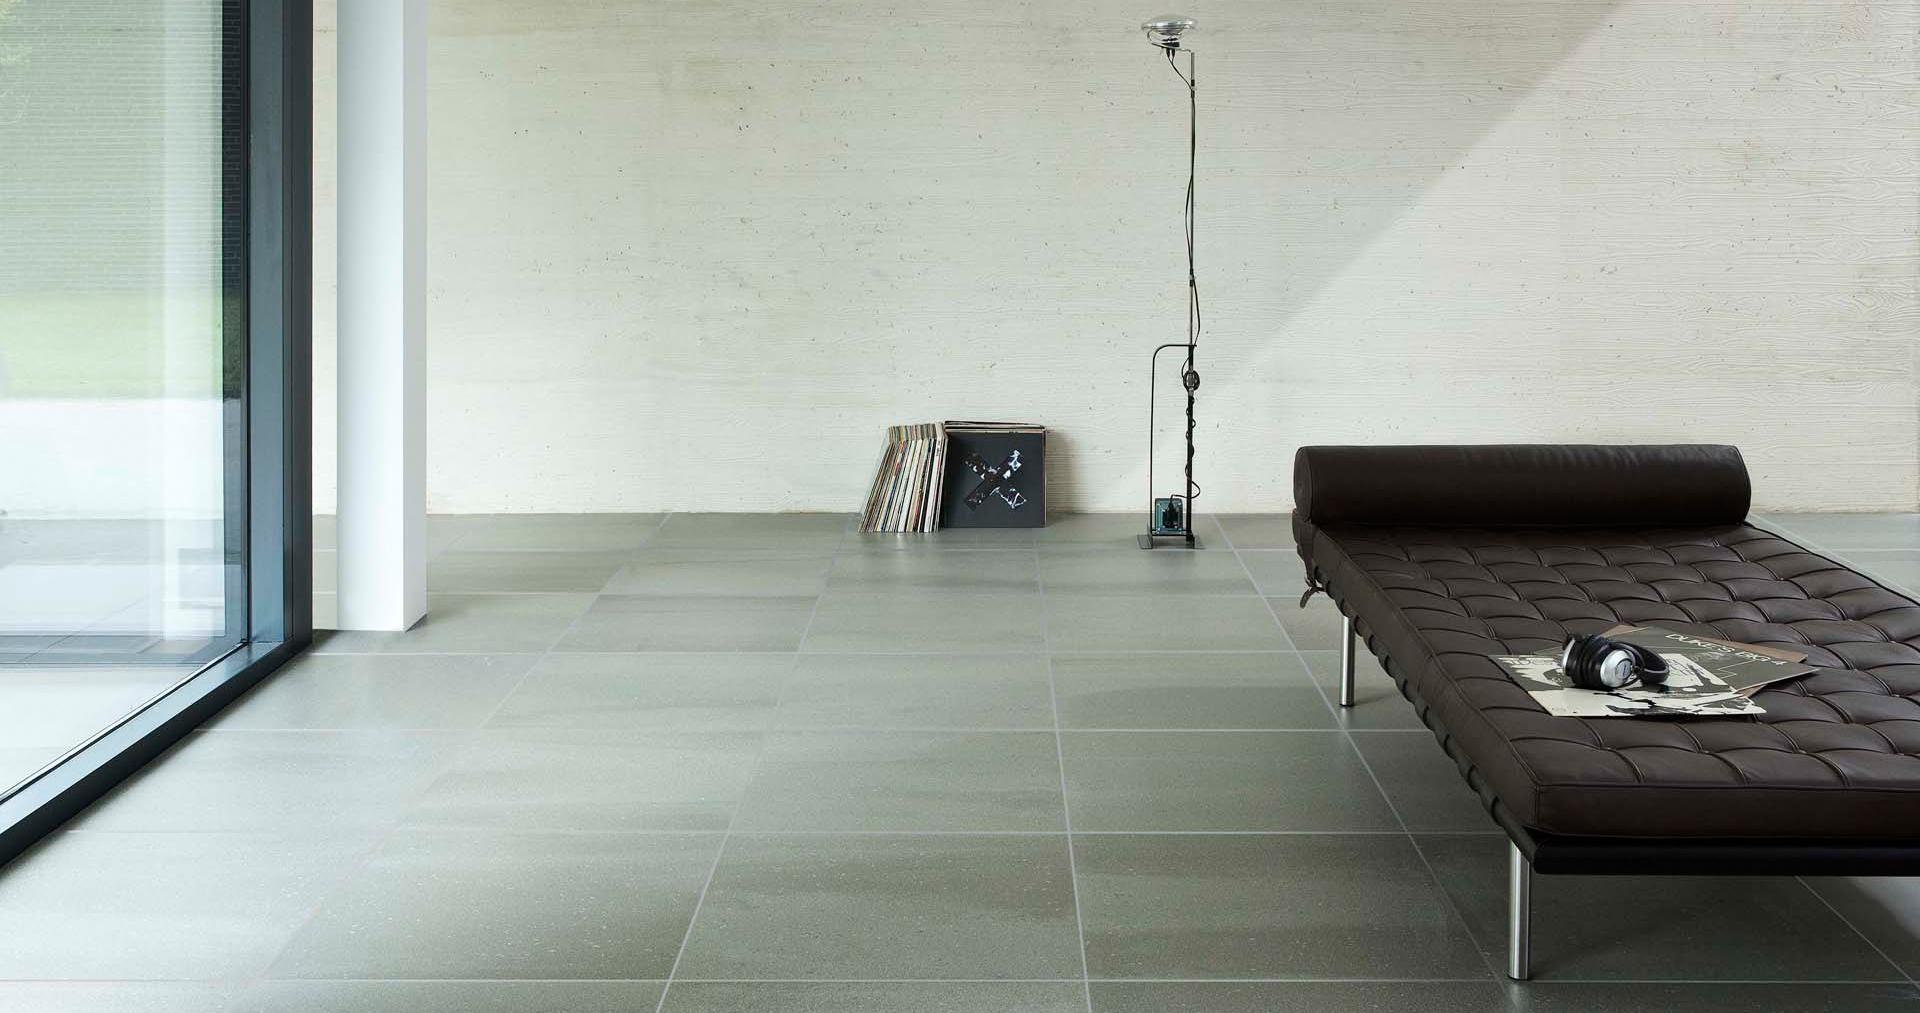 Woonkamer vloer met lichtere voegen